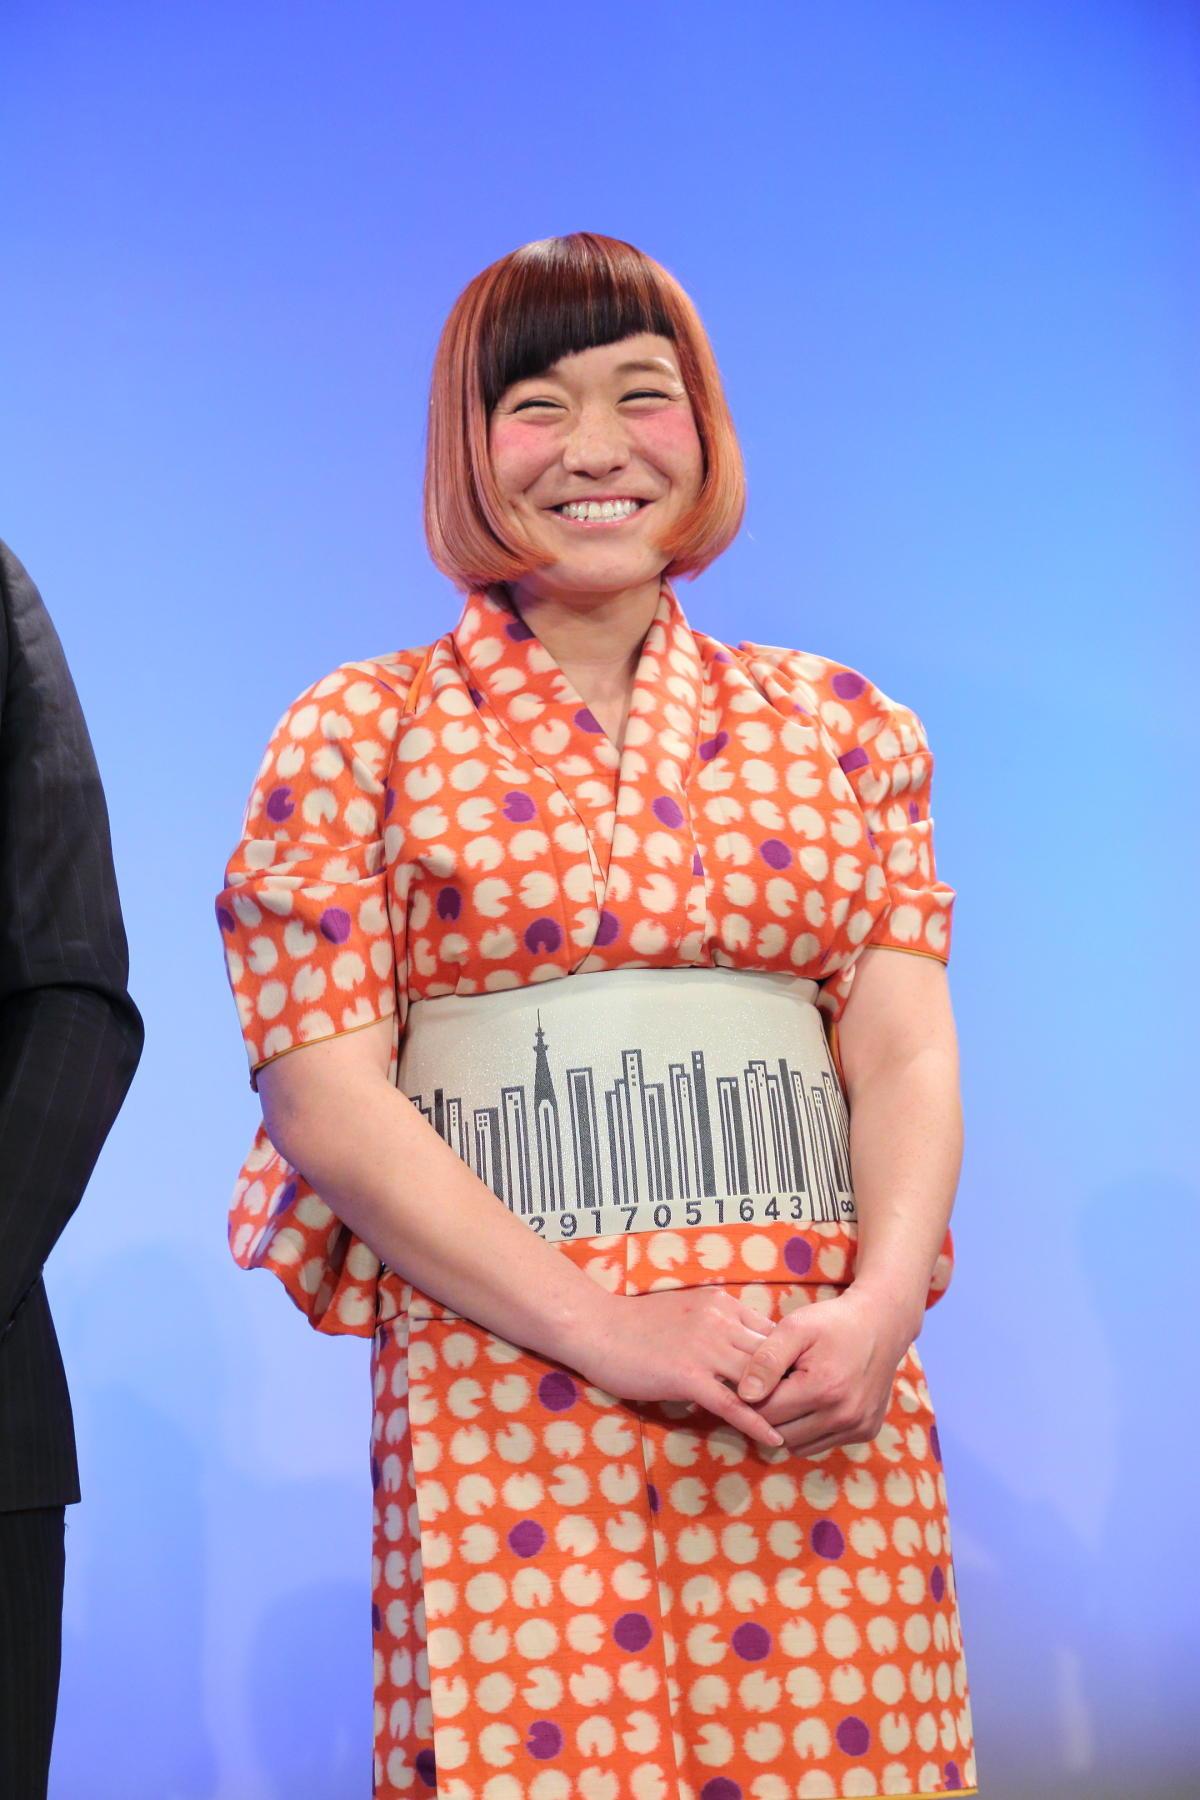 http://news.yoshimoto.co.jp/20170316061948-57e43a08d9196cf6d16ffa9abd5692b672960d89.jpg